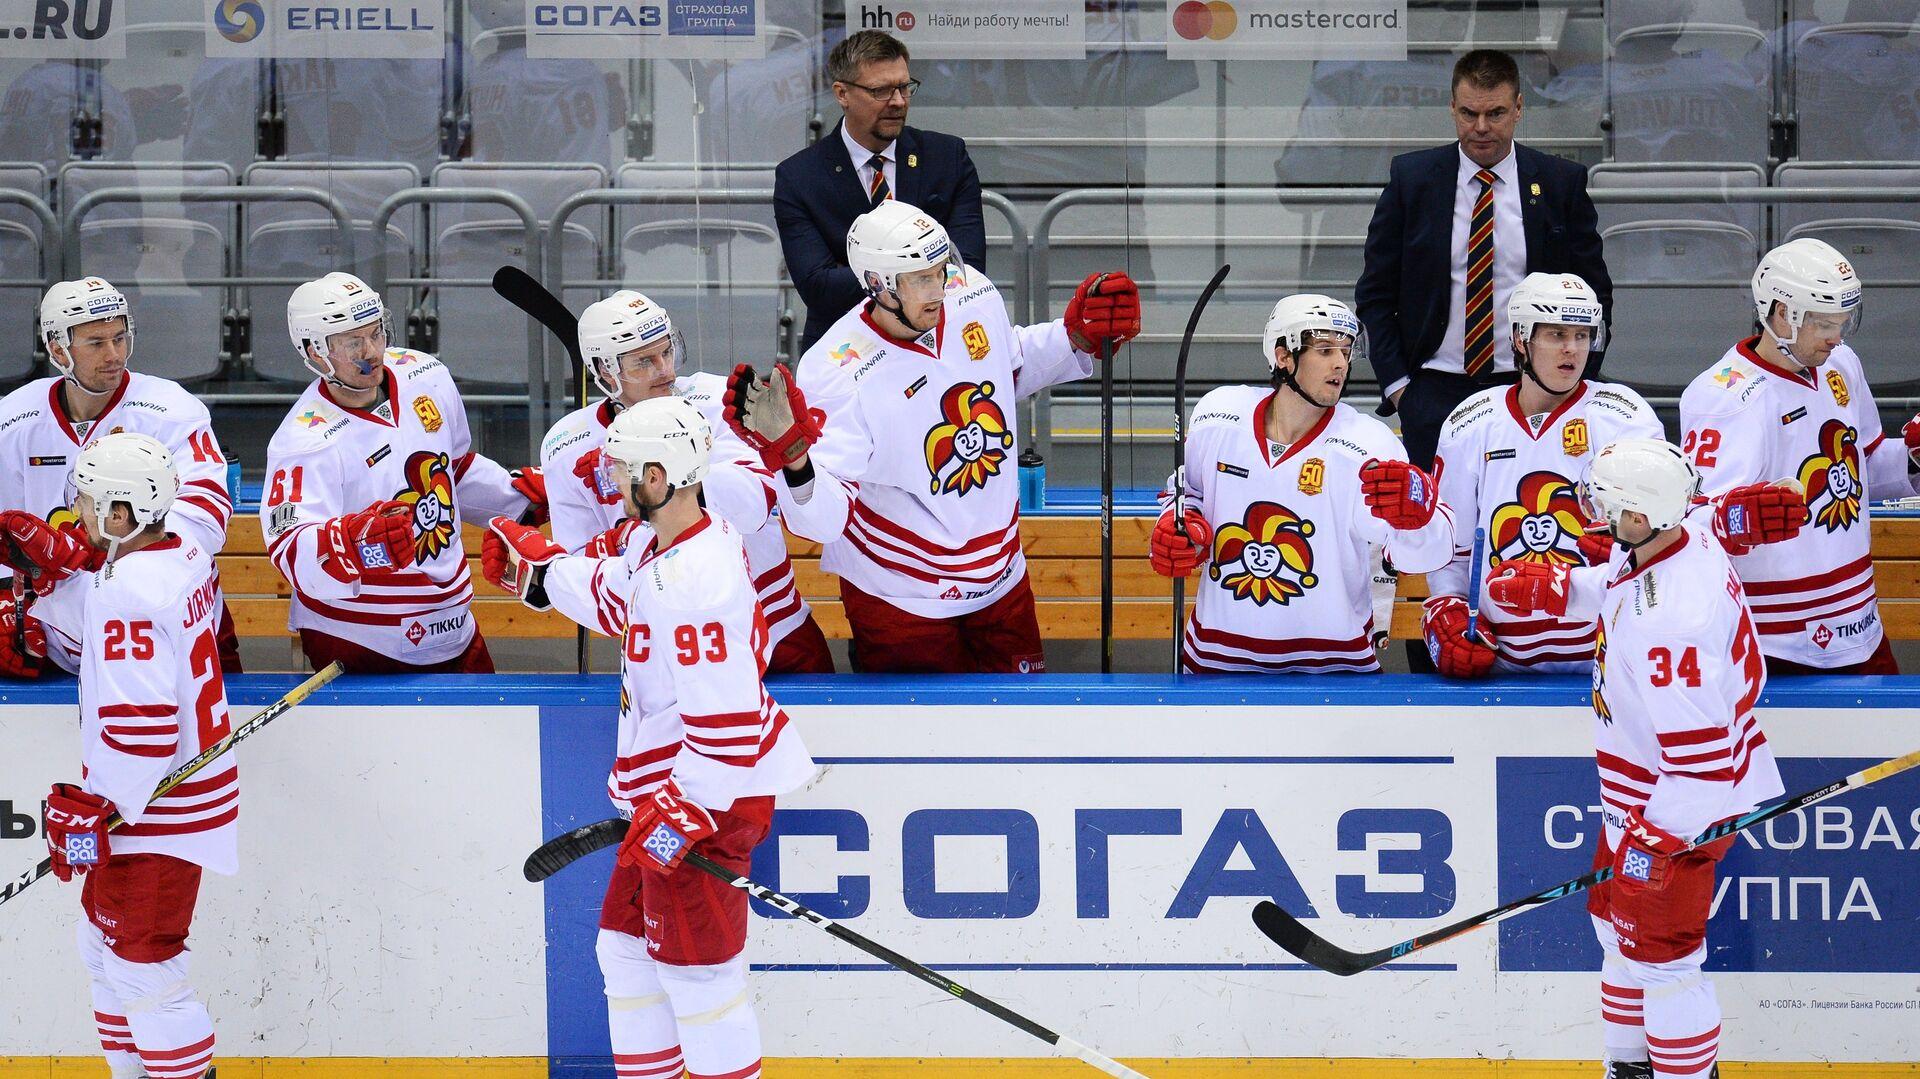 Хоккеисты Йокерита радуются забитой шайбе - РИА Новости, 1920, 03.09.2020